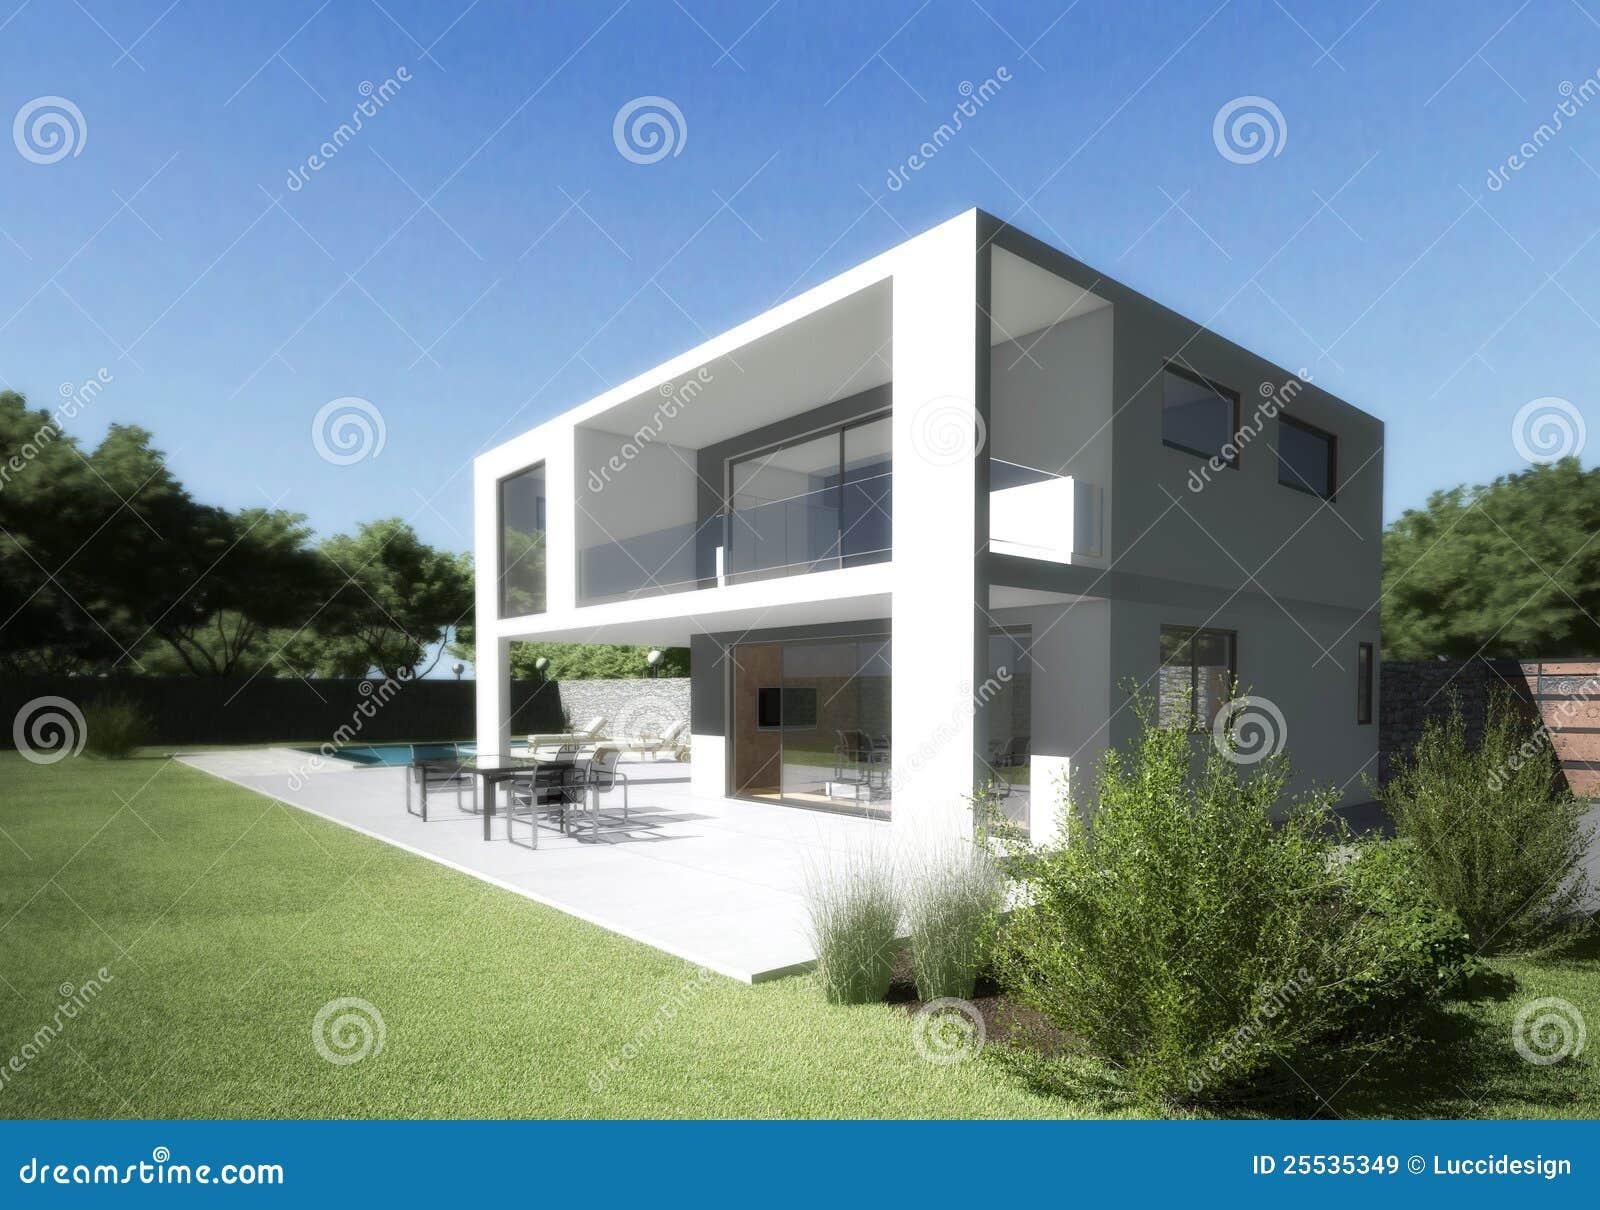 Moderne villa met terras en tuin royalty vrije stock afbeeldingen afbeelding 25535349 for Terras modern huis